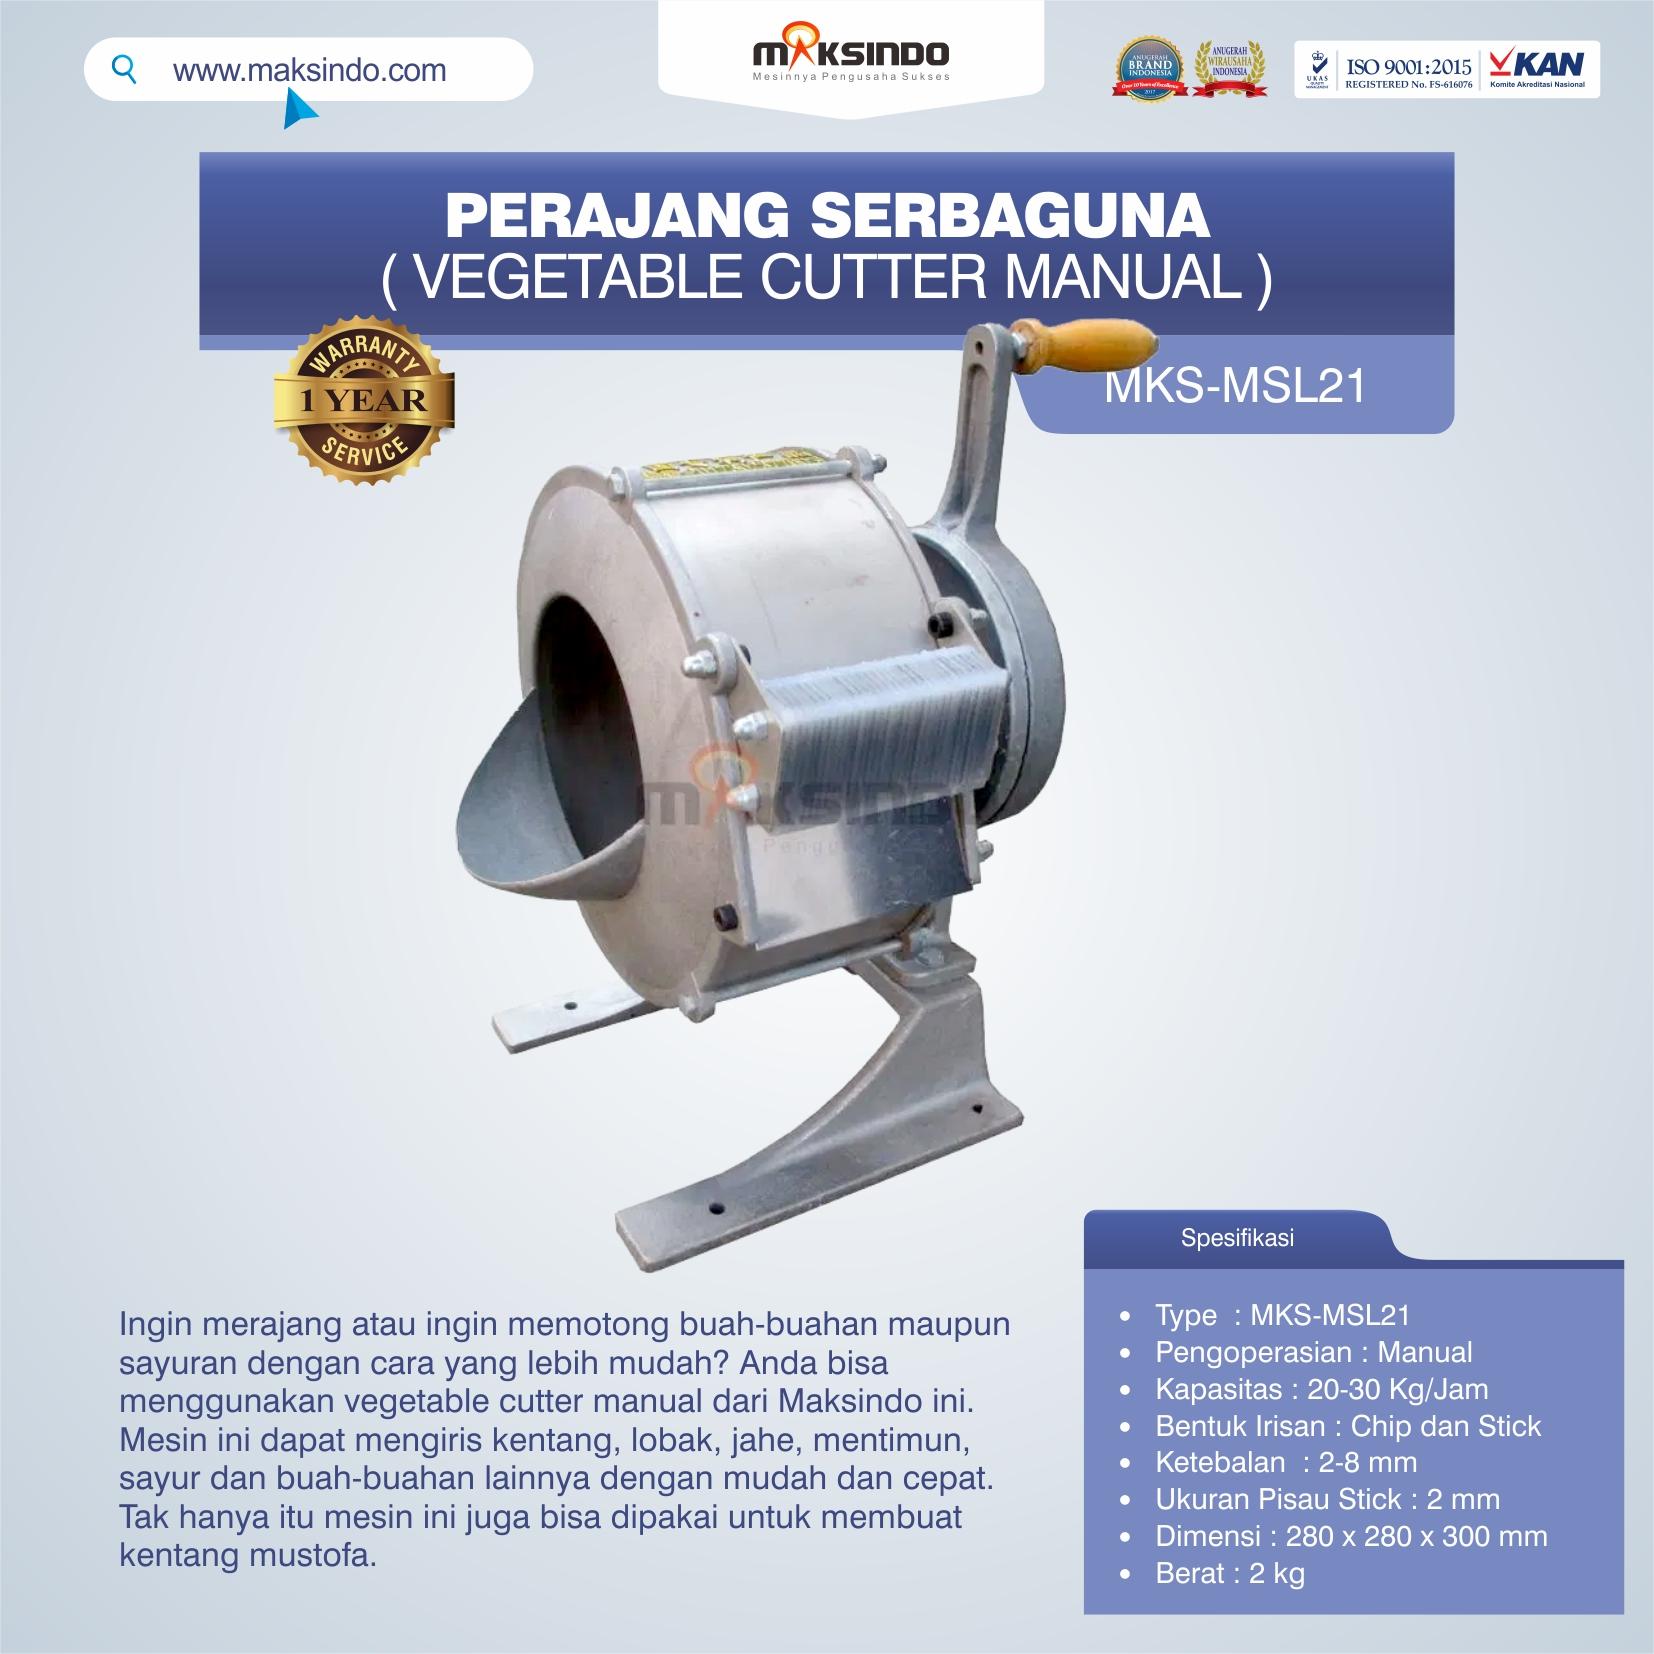 Jual Vegetable Cutter Manual MKS-MSL21 Di Bekasi